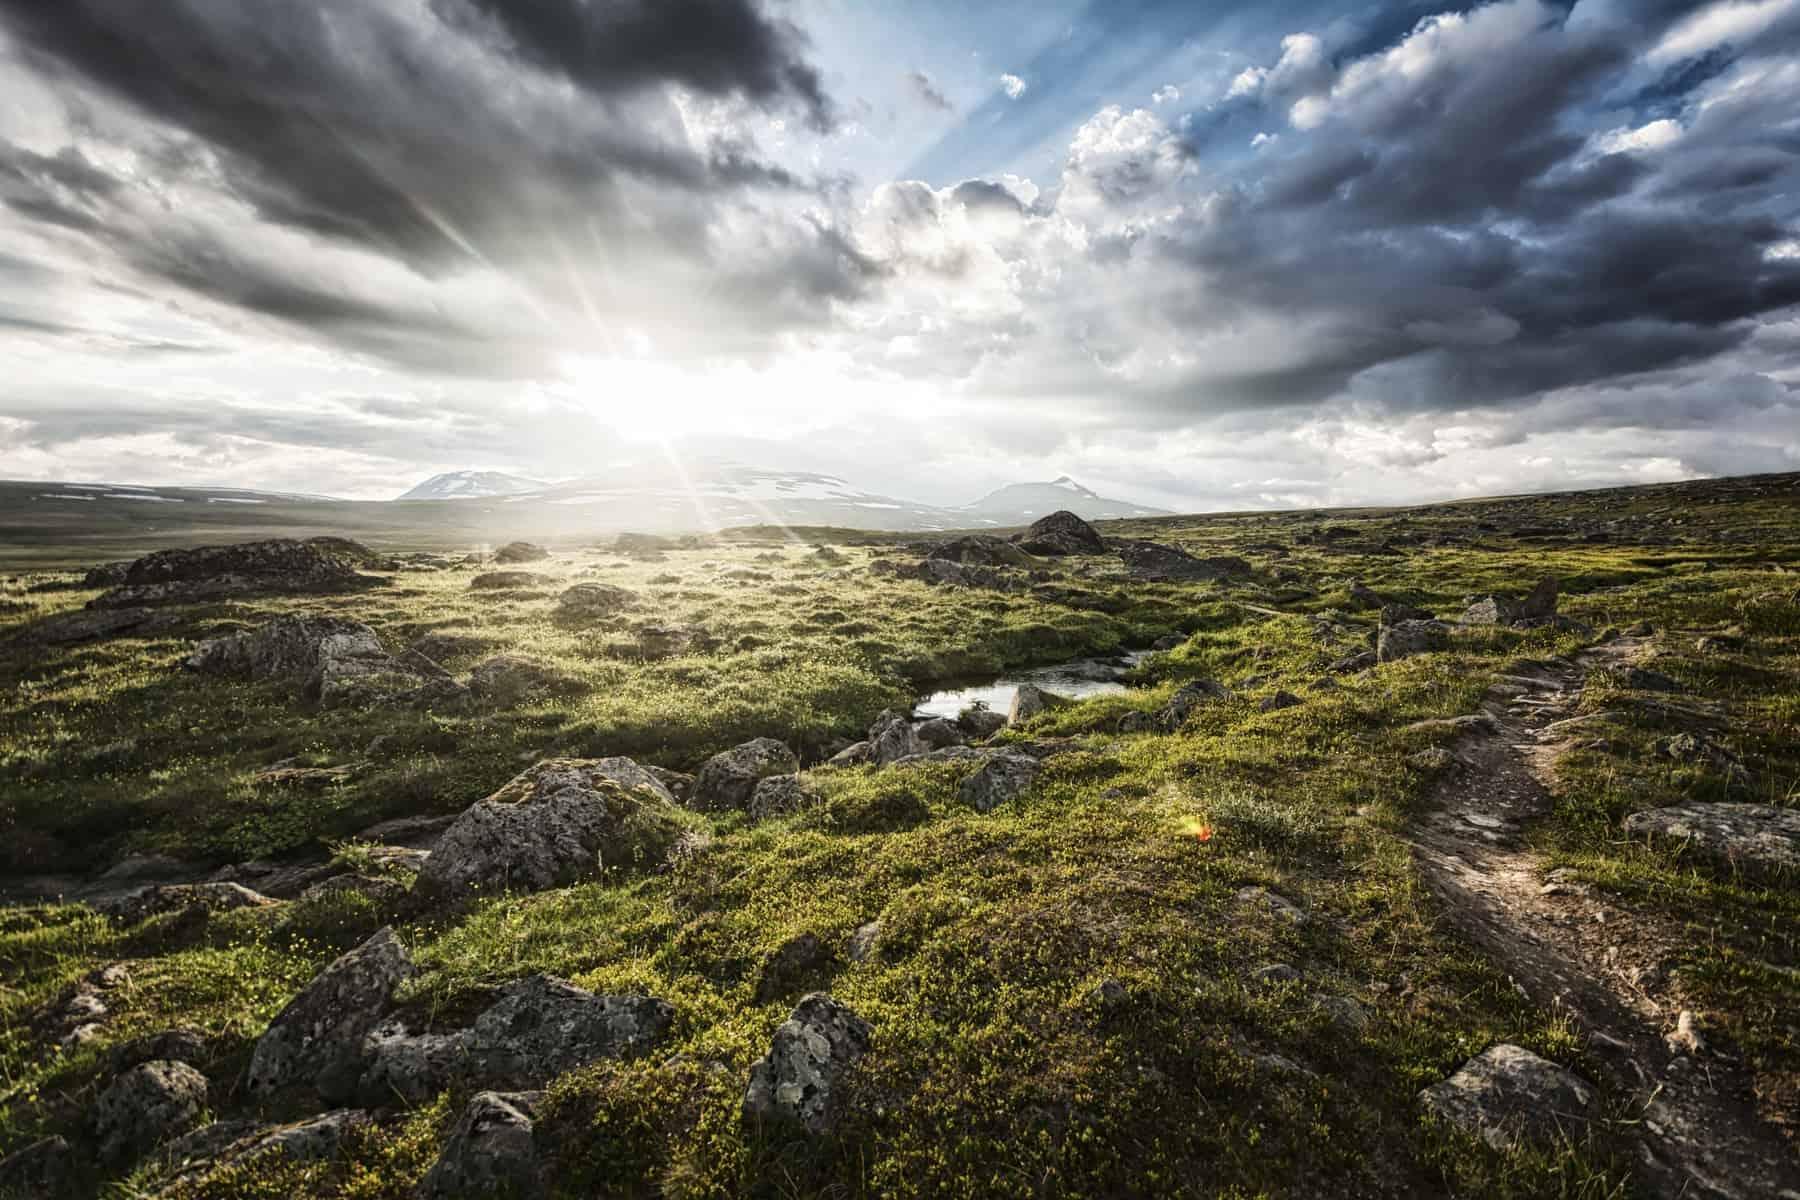 Landscape in Lapland, northern Sweden